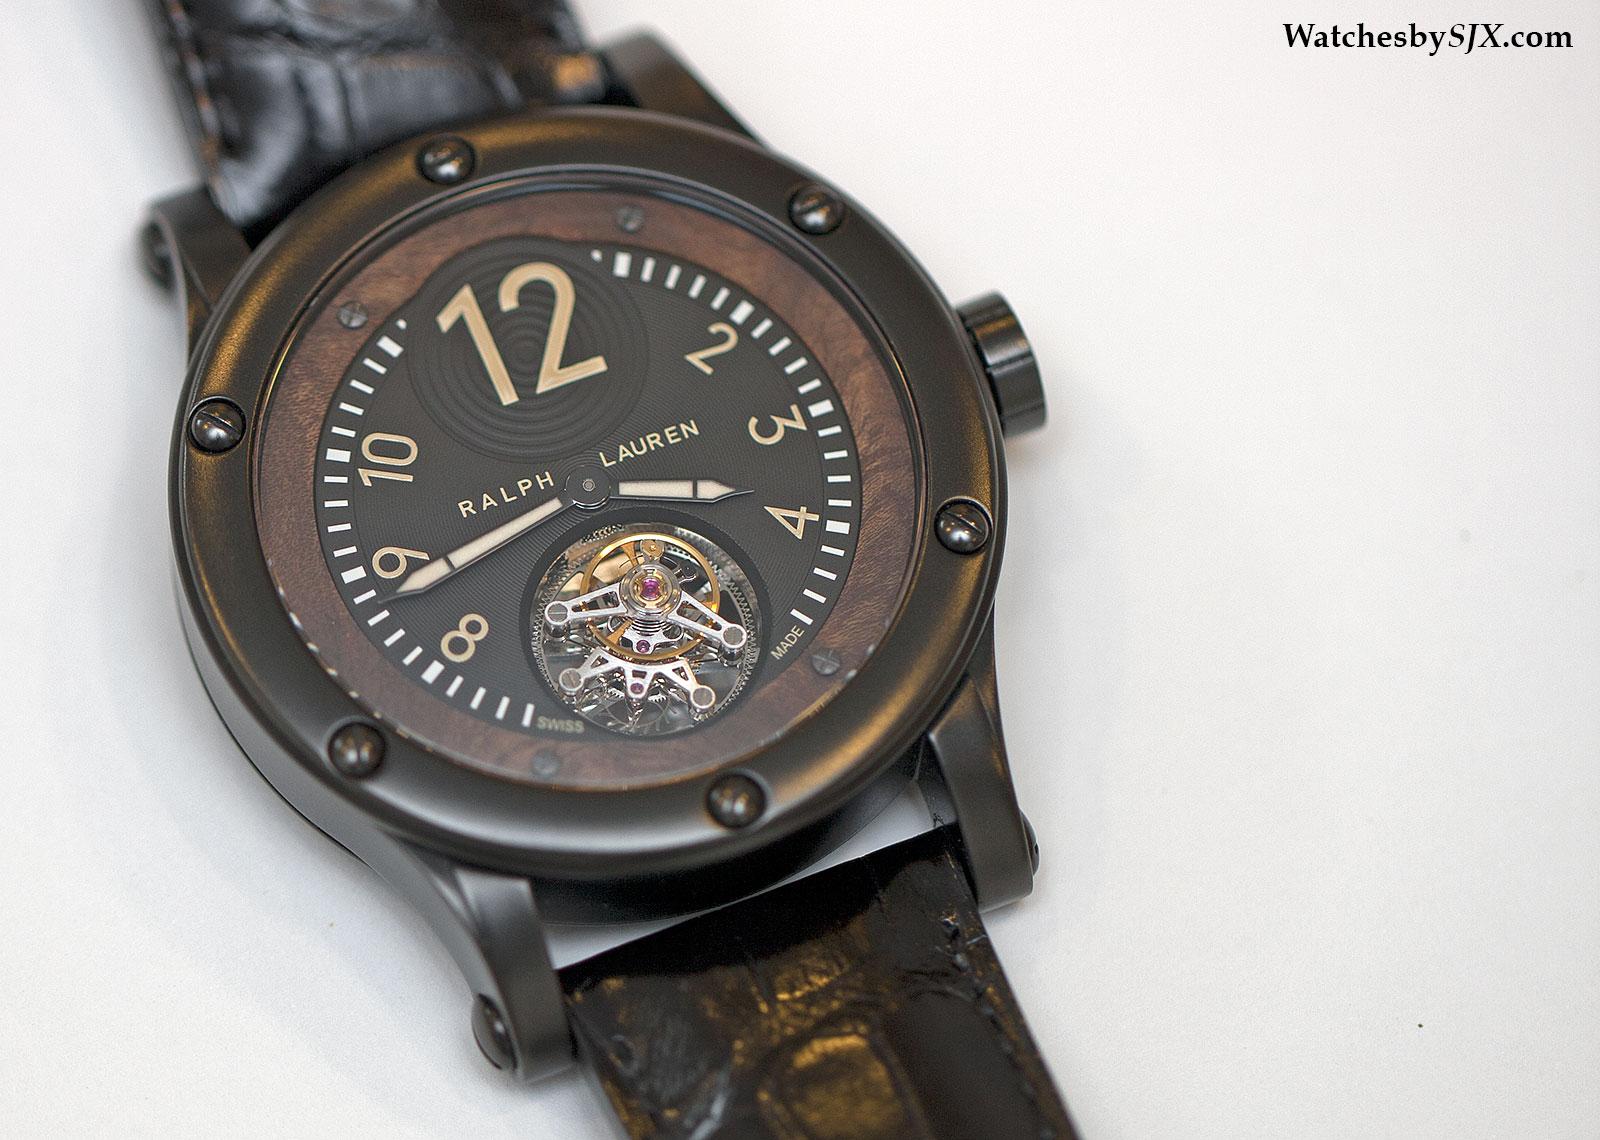 Ralph-Lauren-Automotive-Flying-Tourbillon-watch-1